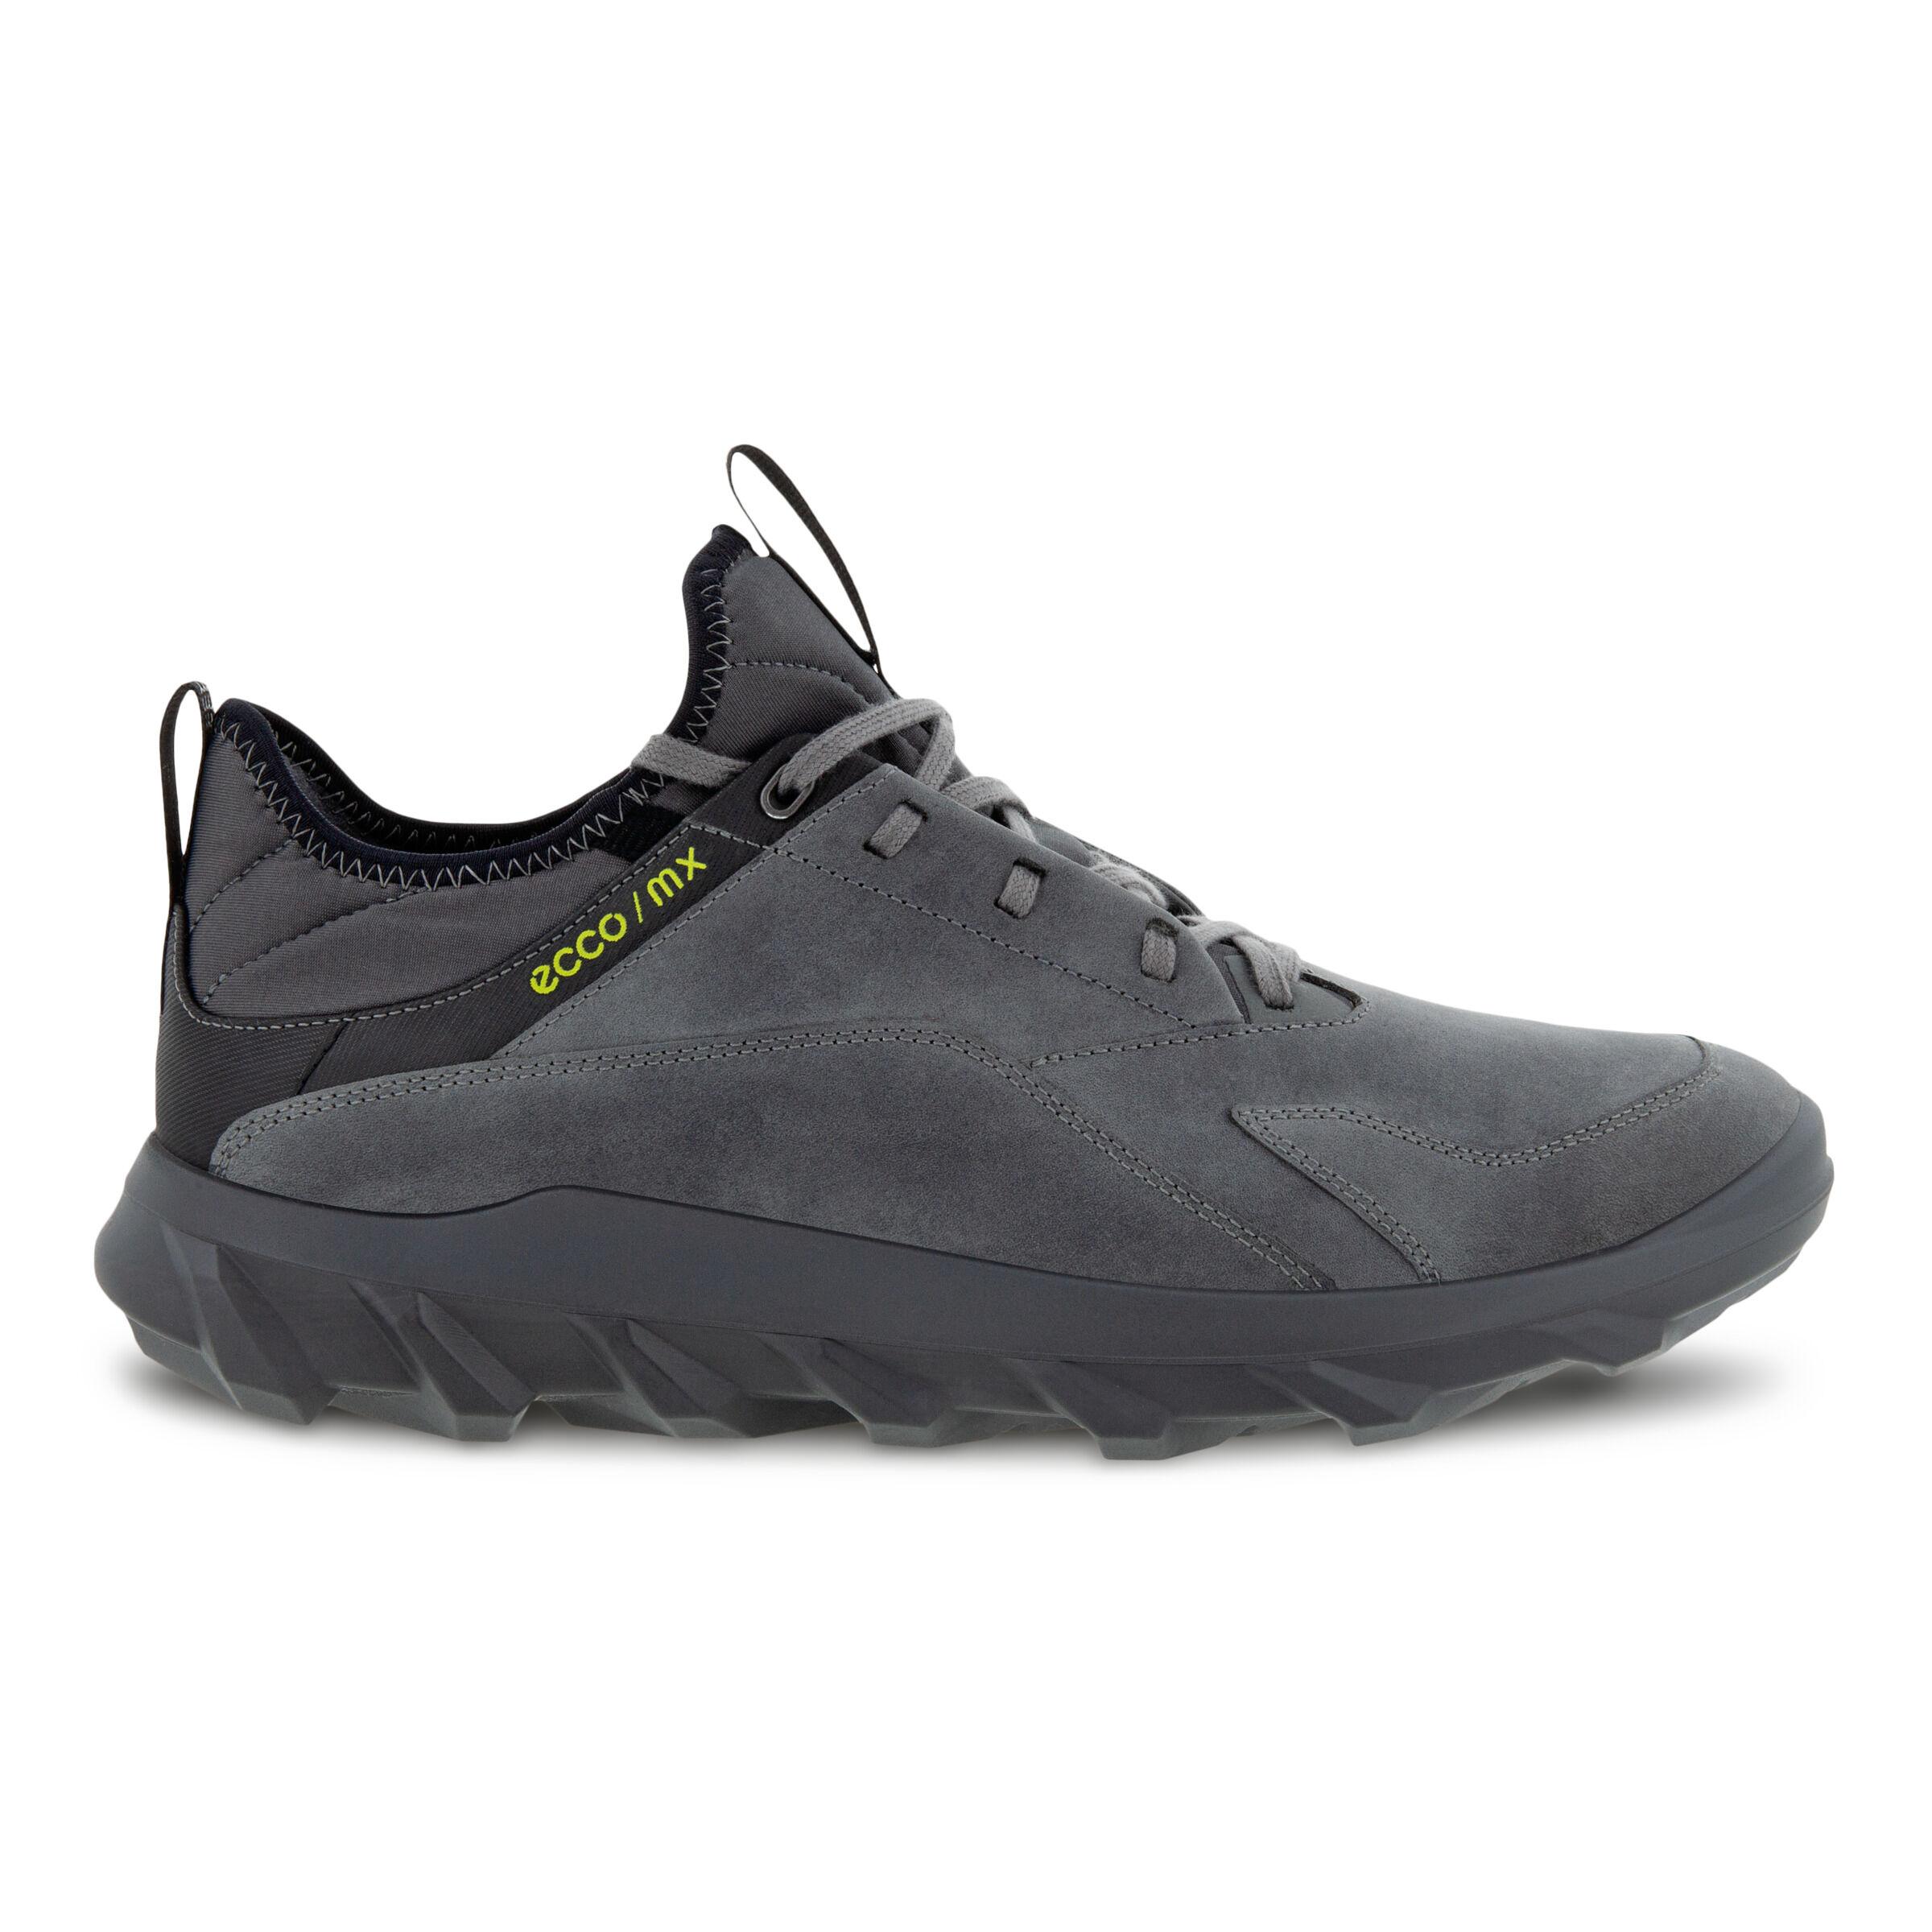 에코 ECCO MX Mens LOW Outdoor Shoes,TITANIUM